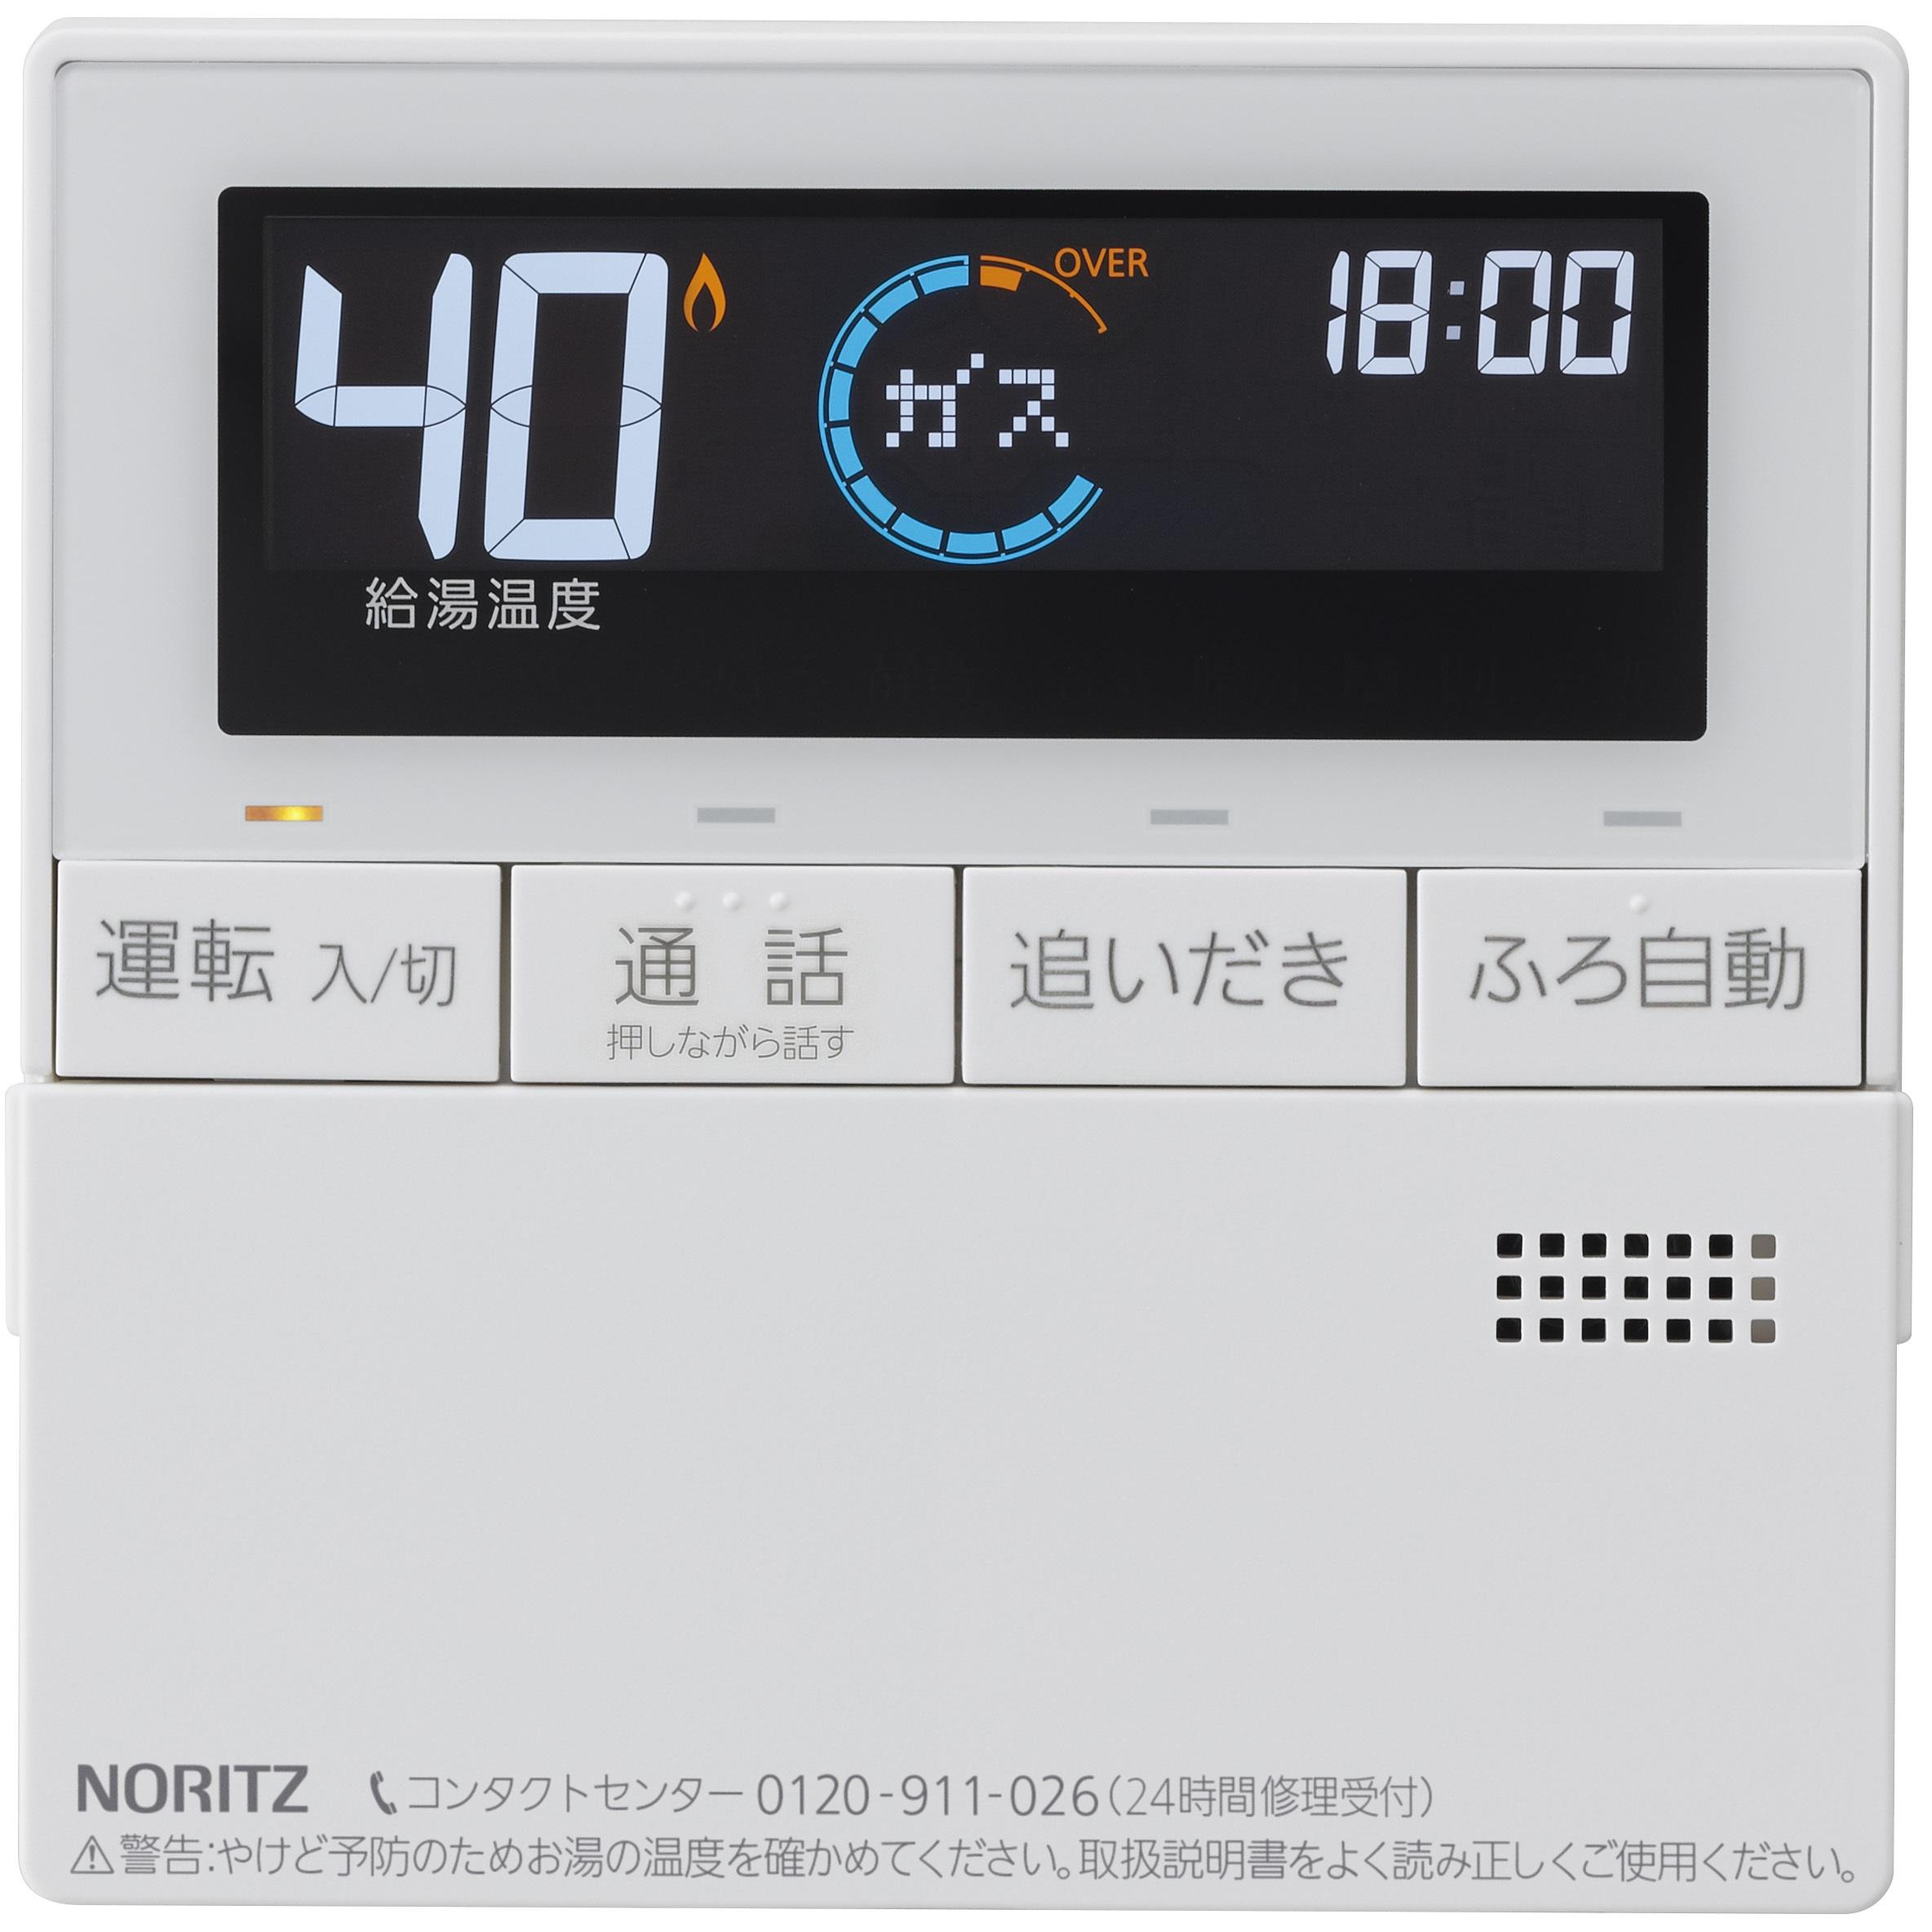 06.ノーリツ RC-J101Pマルチセット 新製品